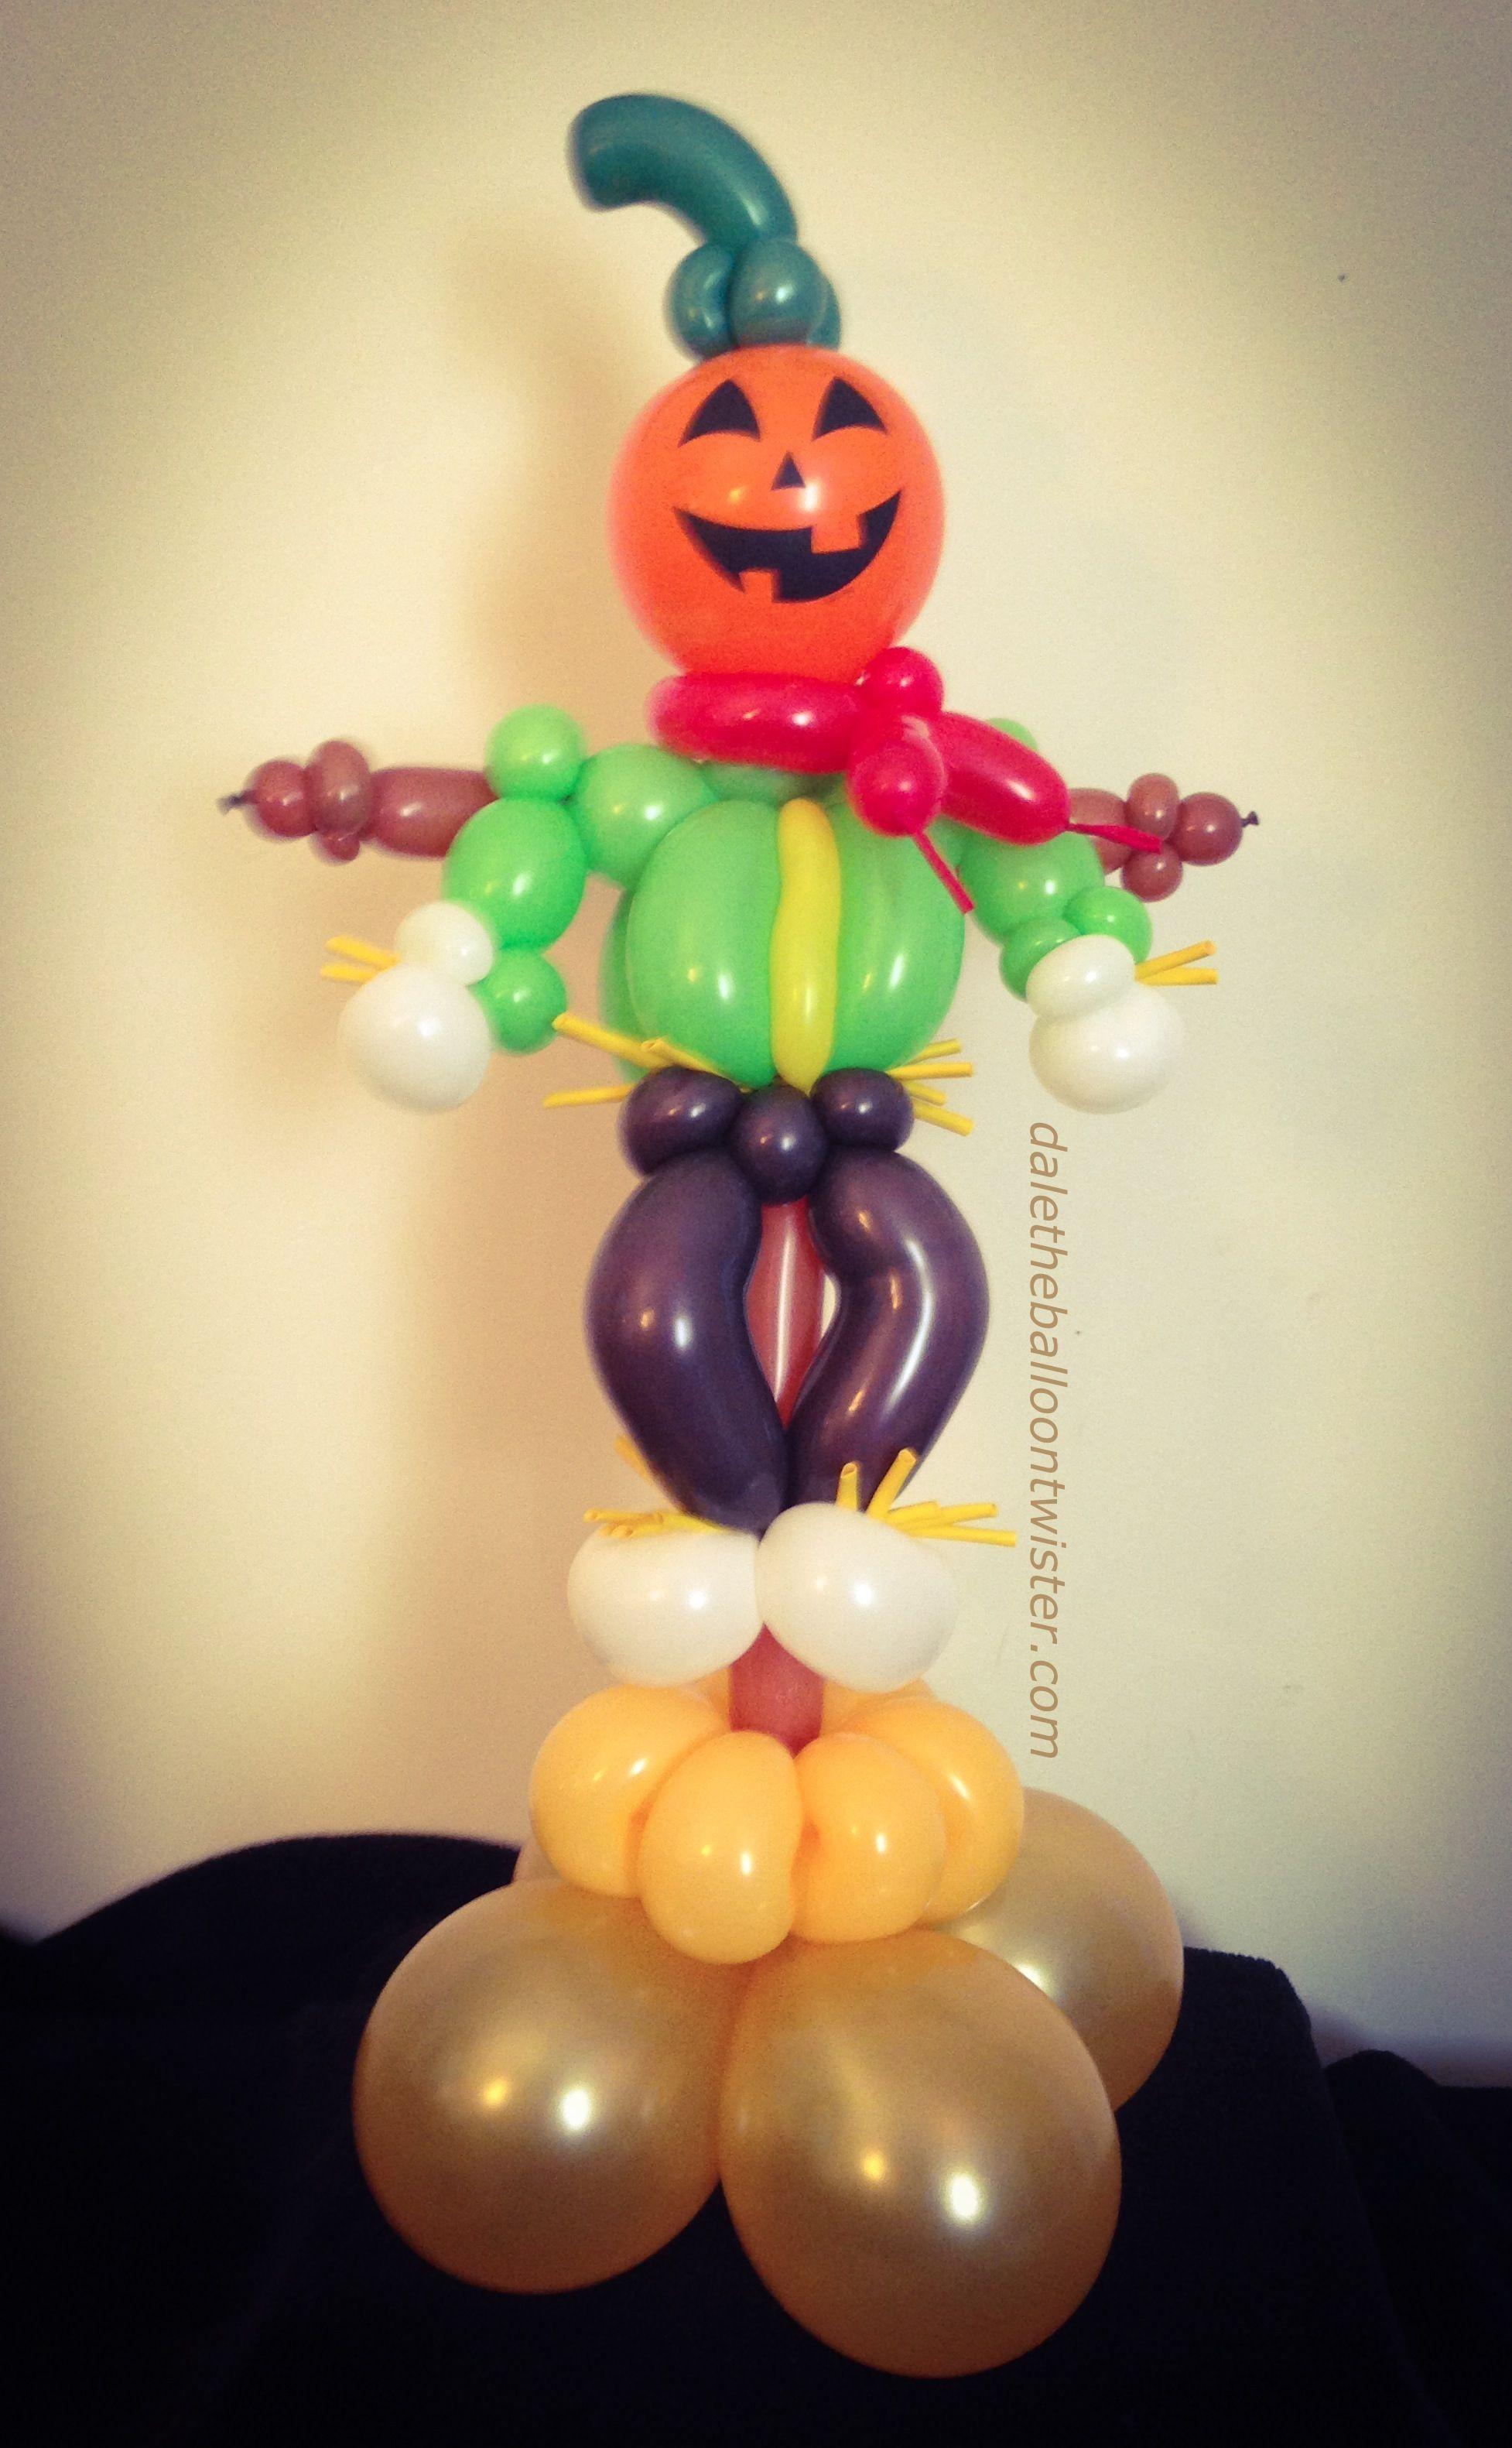 hayes - Halloween Balloon Animals